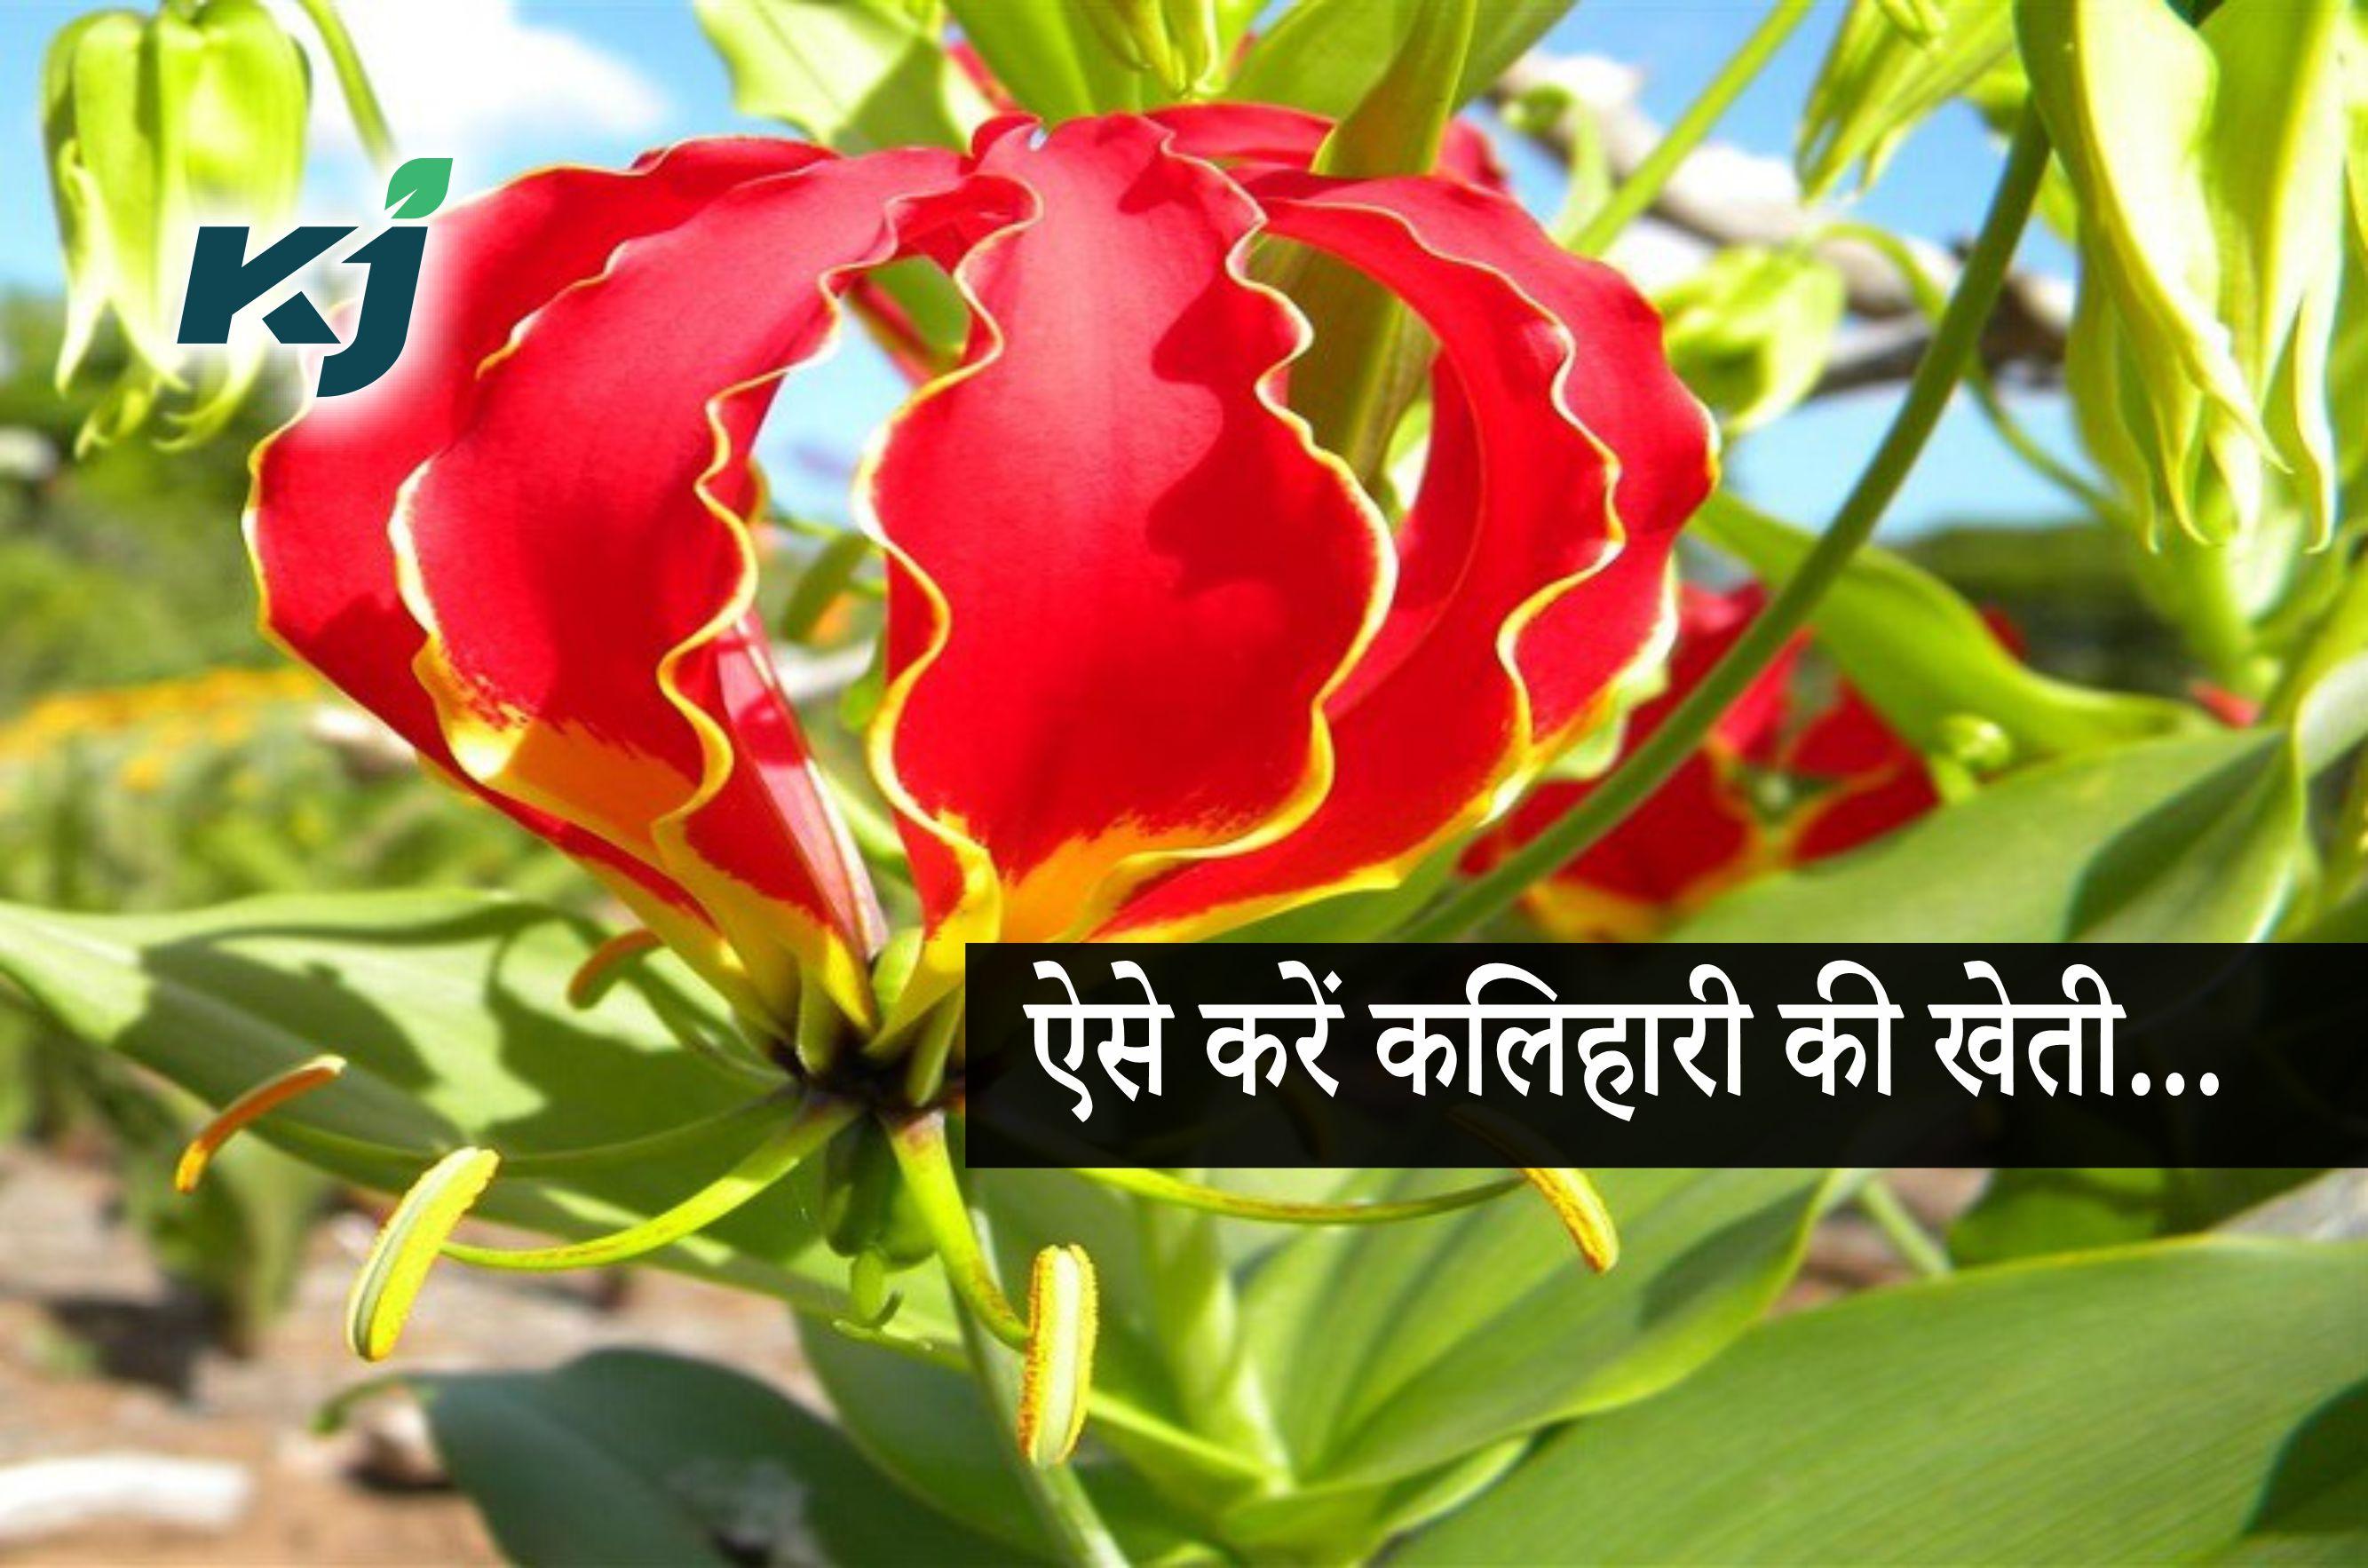 कलिहारी का पौधा है सेहत के लिए फायदेमंद, खेती से होगा मुनाफा